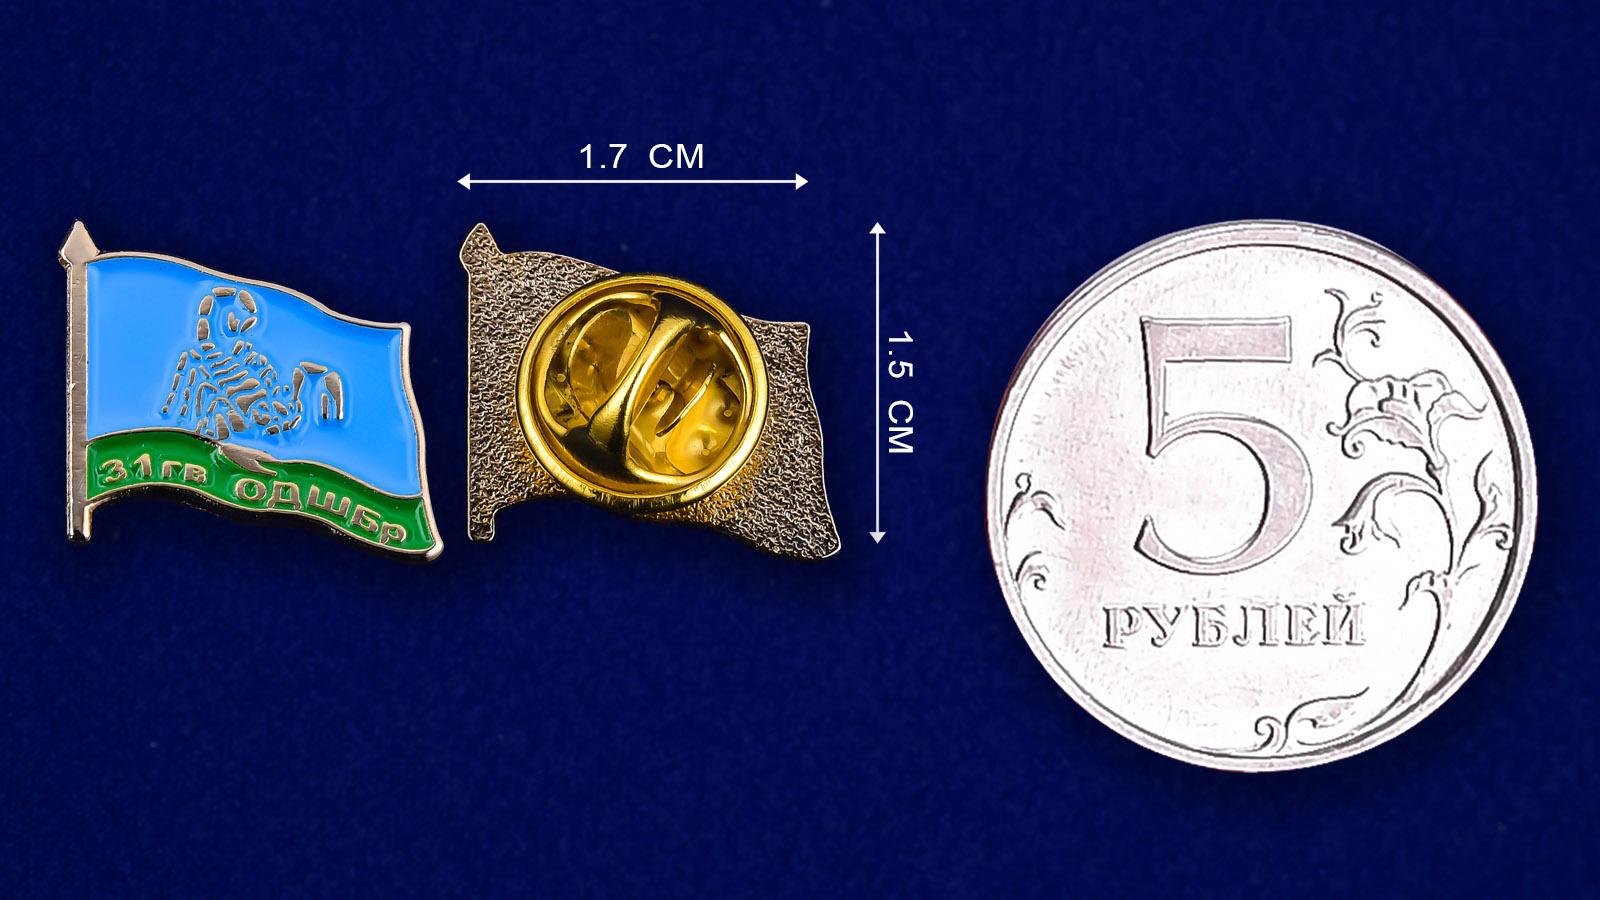 Значок ВДВ «31 гв. ОДШБр»-сравнительный размер